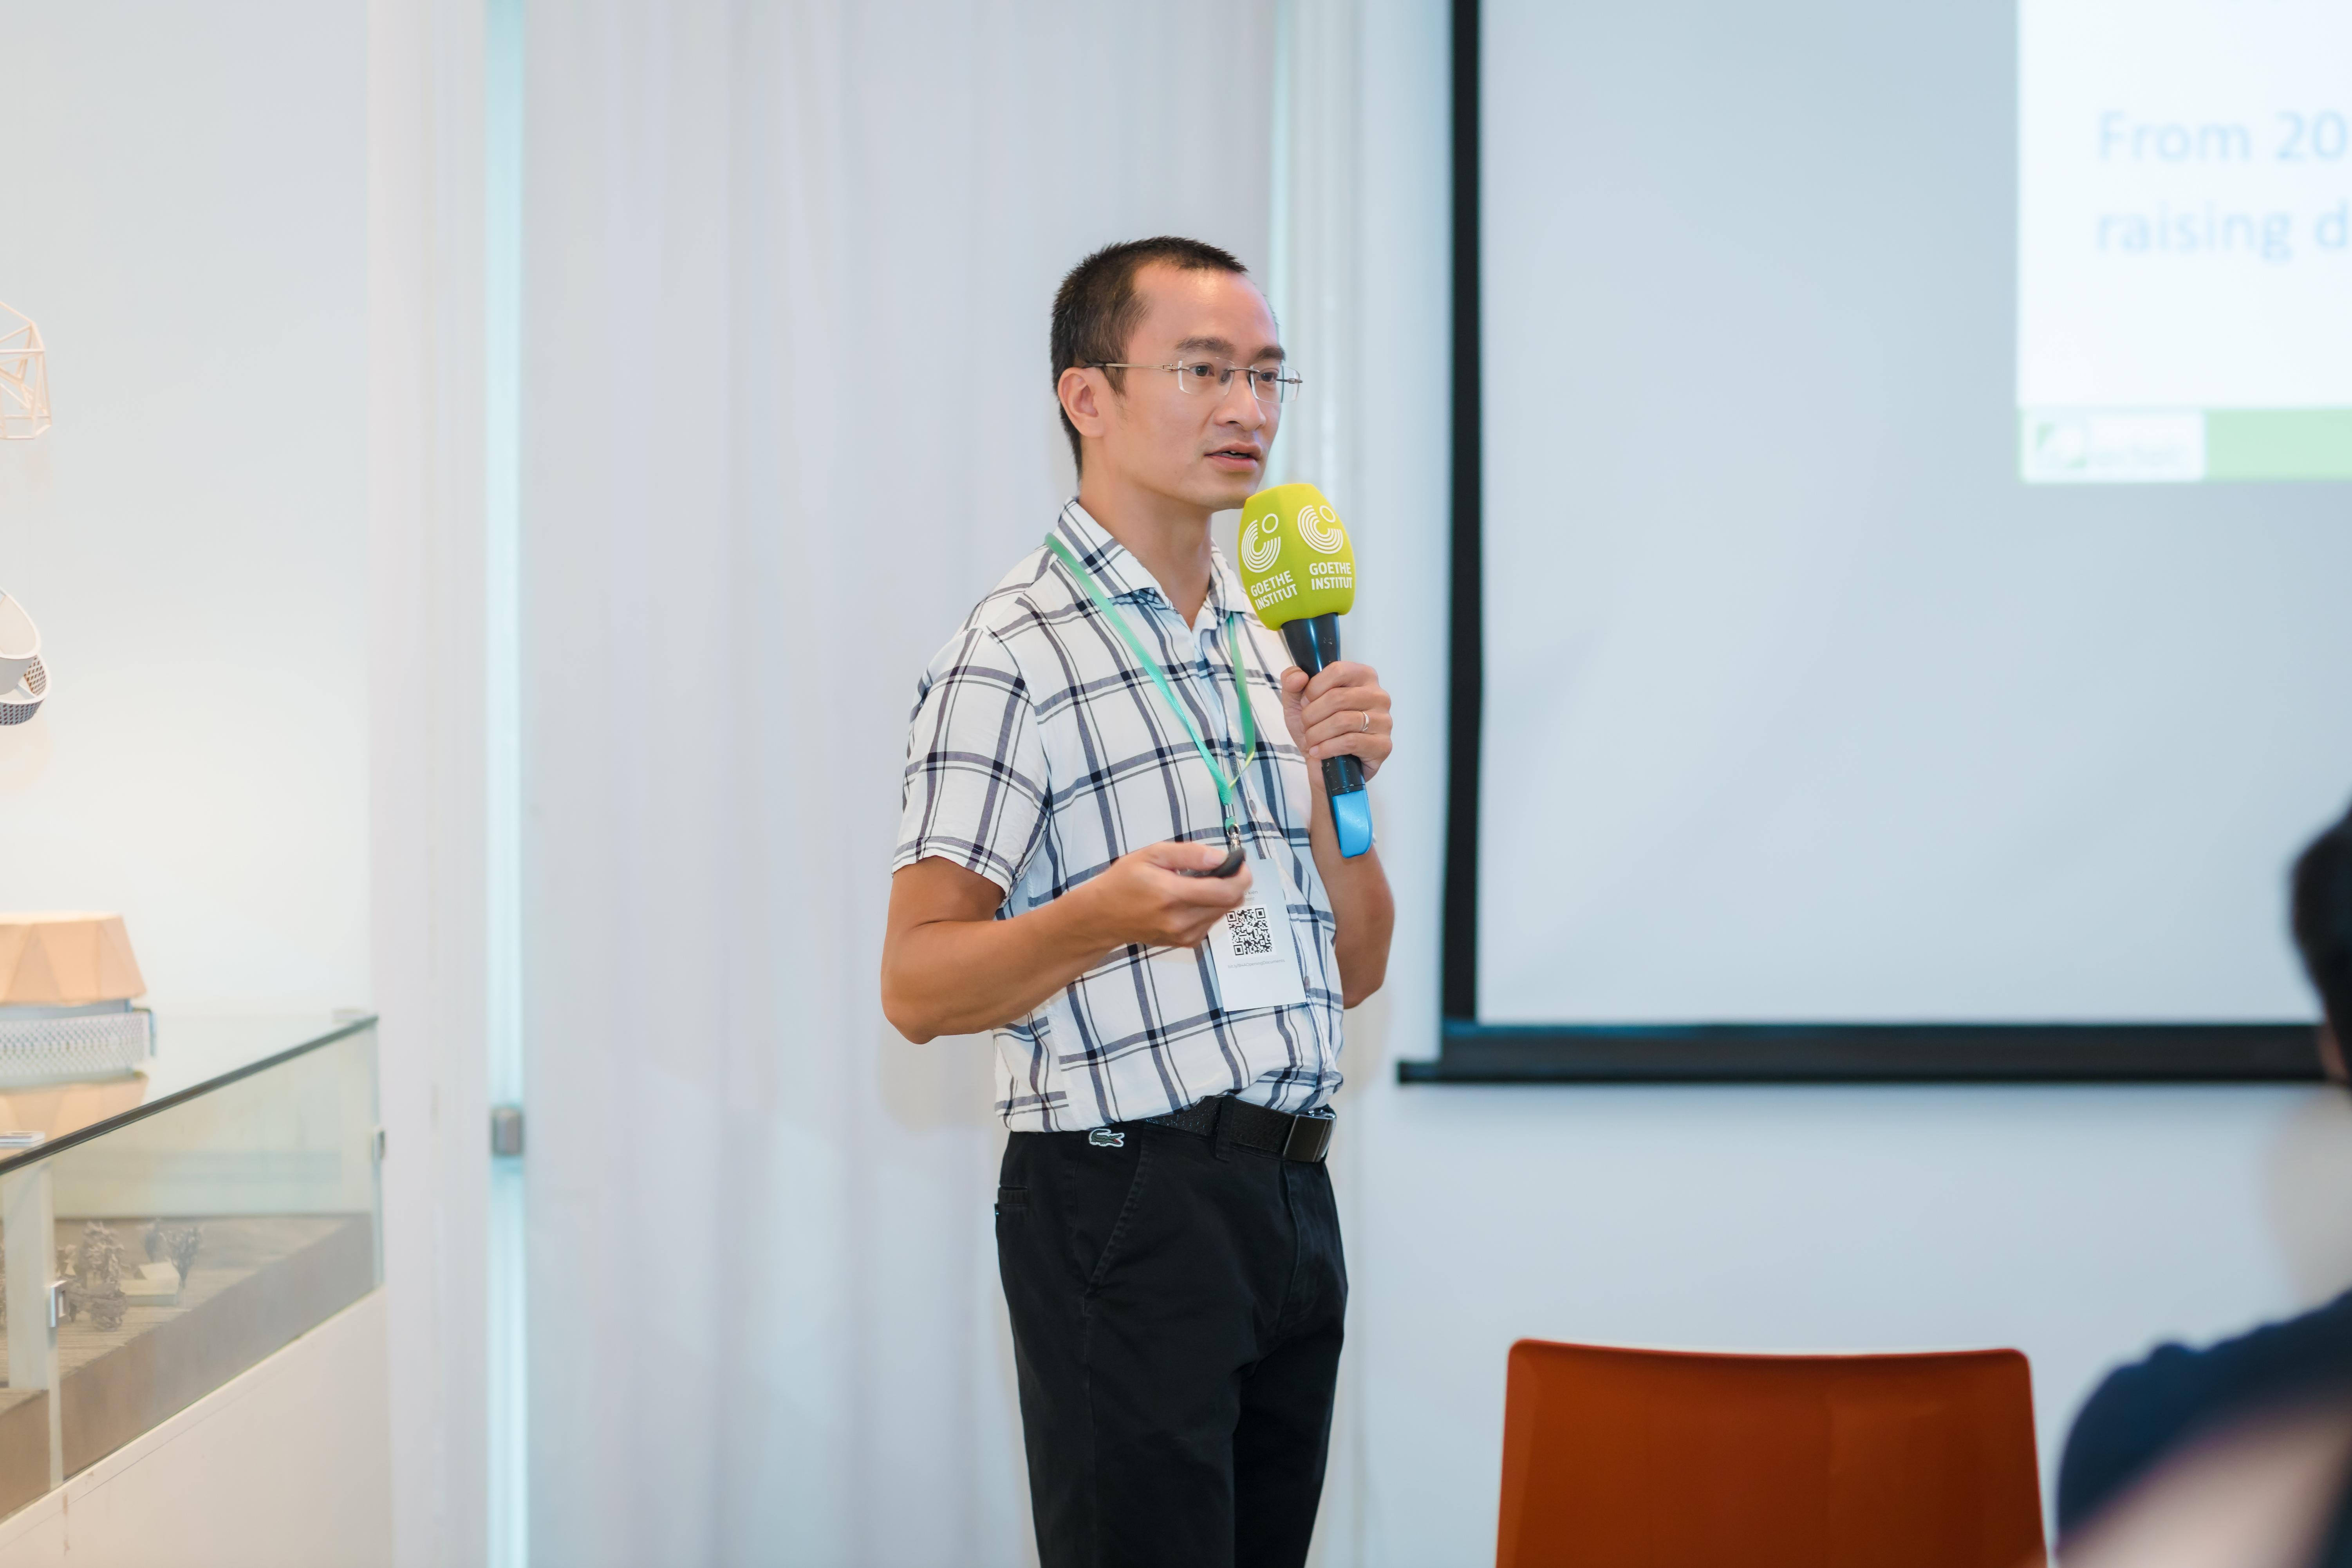 Ông Trần Thành Vũ, chủ tịch Hội đồng Mô phỏng công trình Việt Nam (IBPSA-Vietnam) đề xuất những ứng dụng khoa học trong việc thiết kế tối ưu hoá hiệu năng công trình